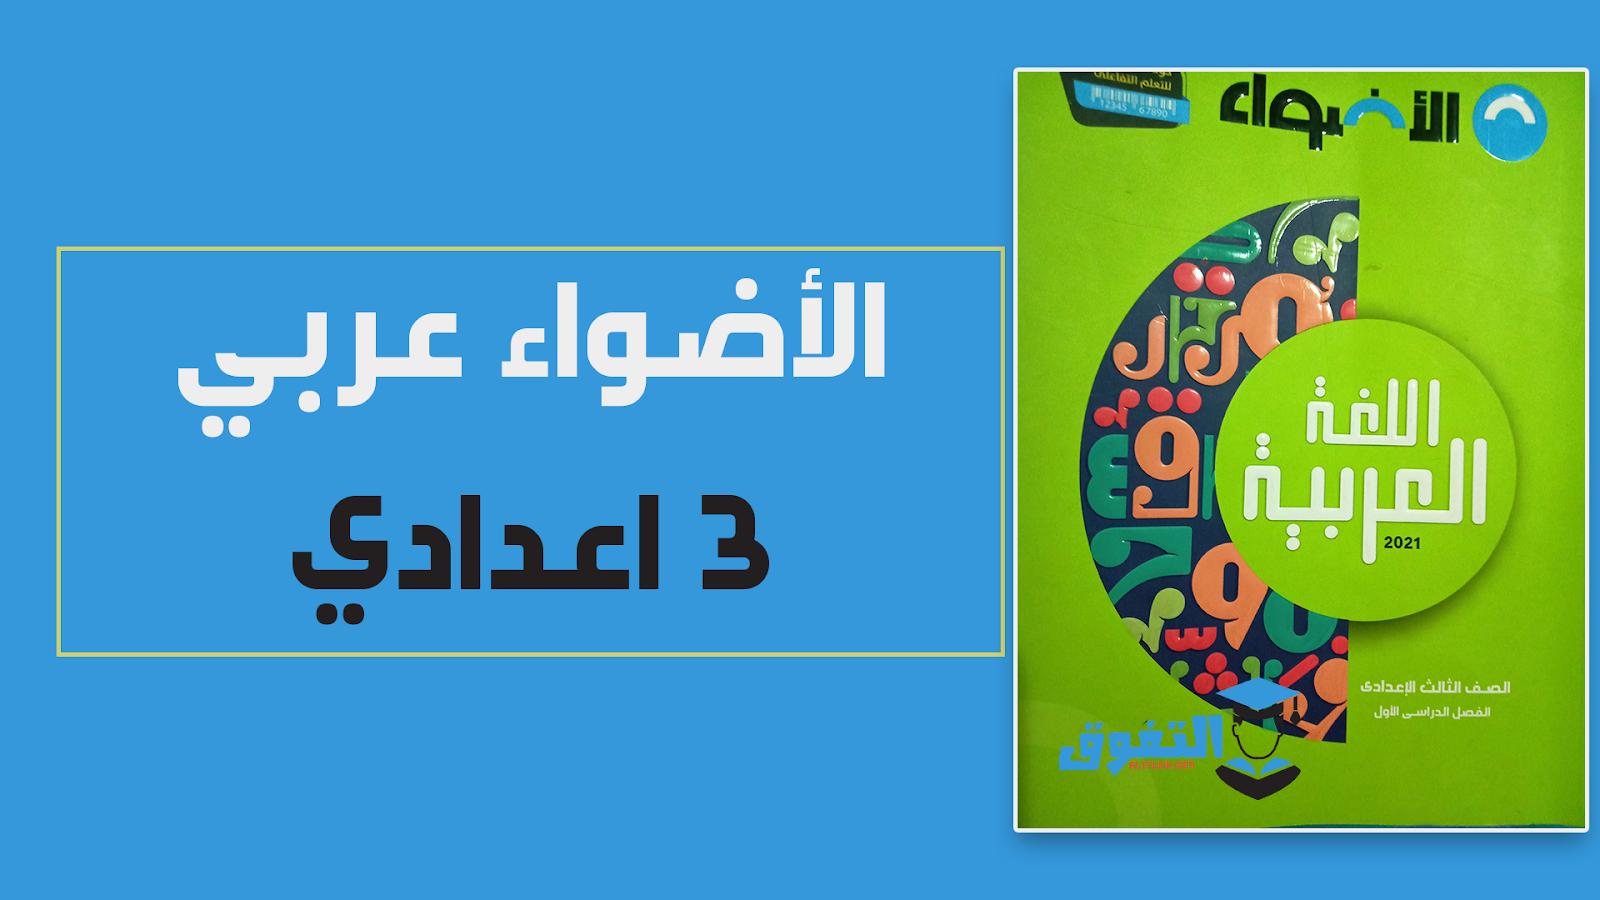 تحميل كتاب الأضواء فى اللغة العربية pdf للصف الثالث الإعدادى الترم الأول 2021 (النسخة الجديدة)